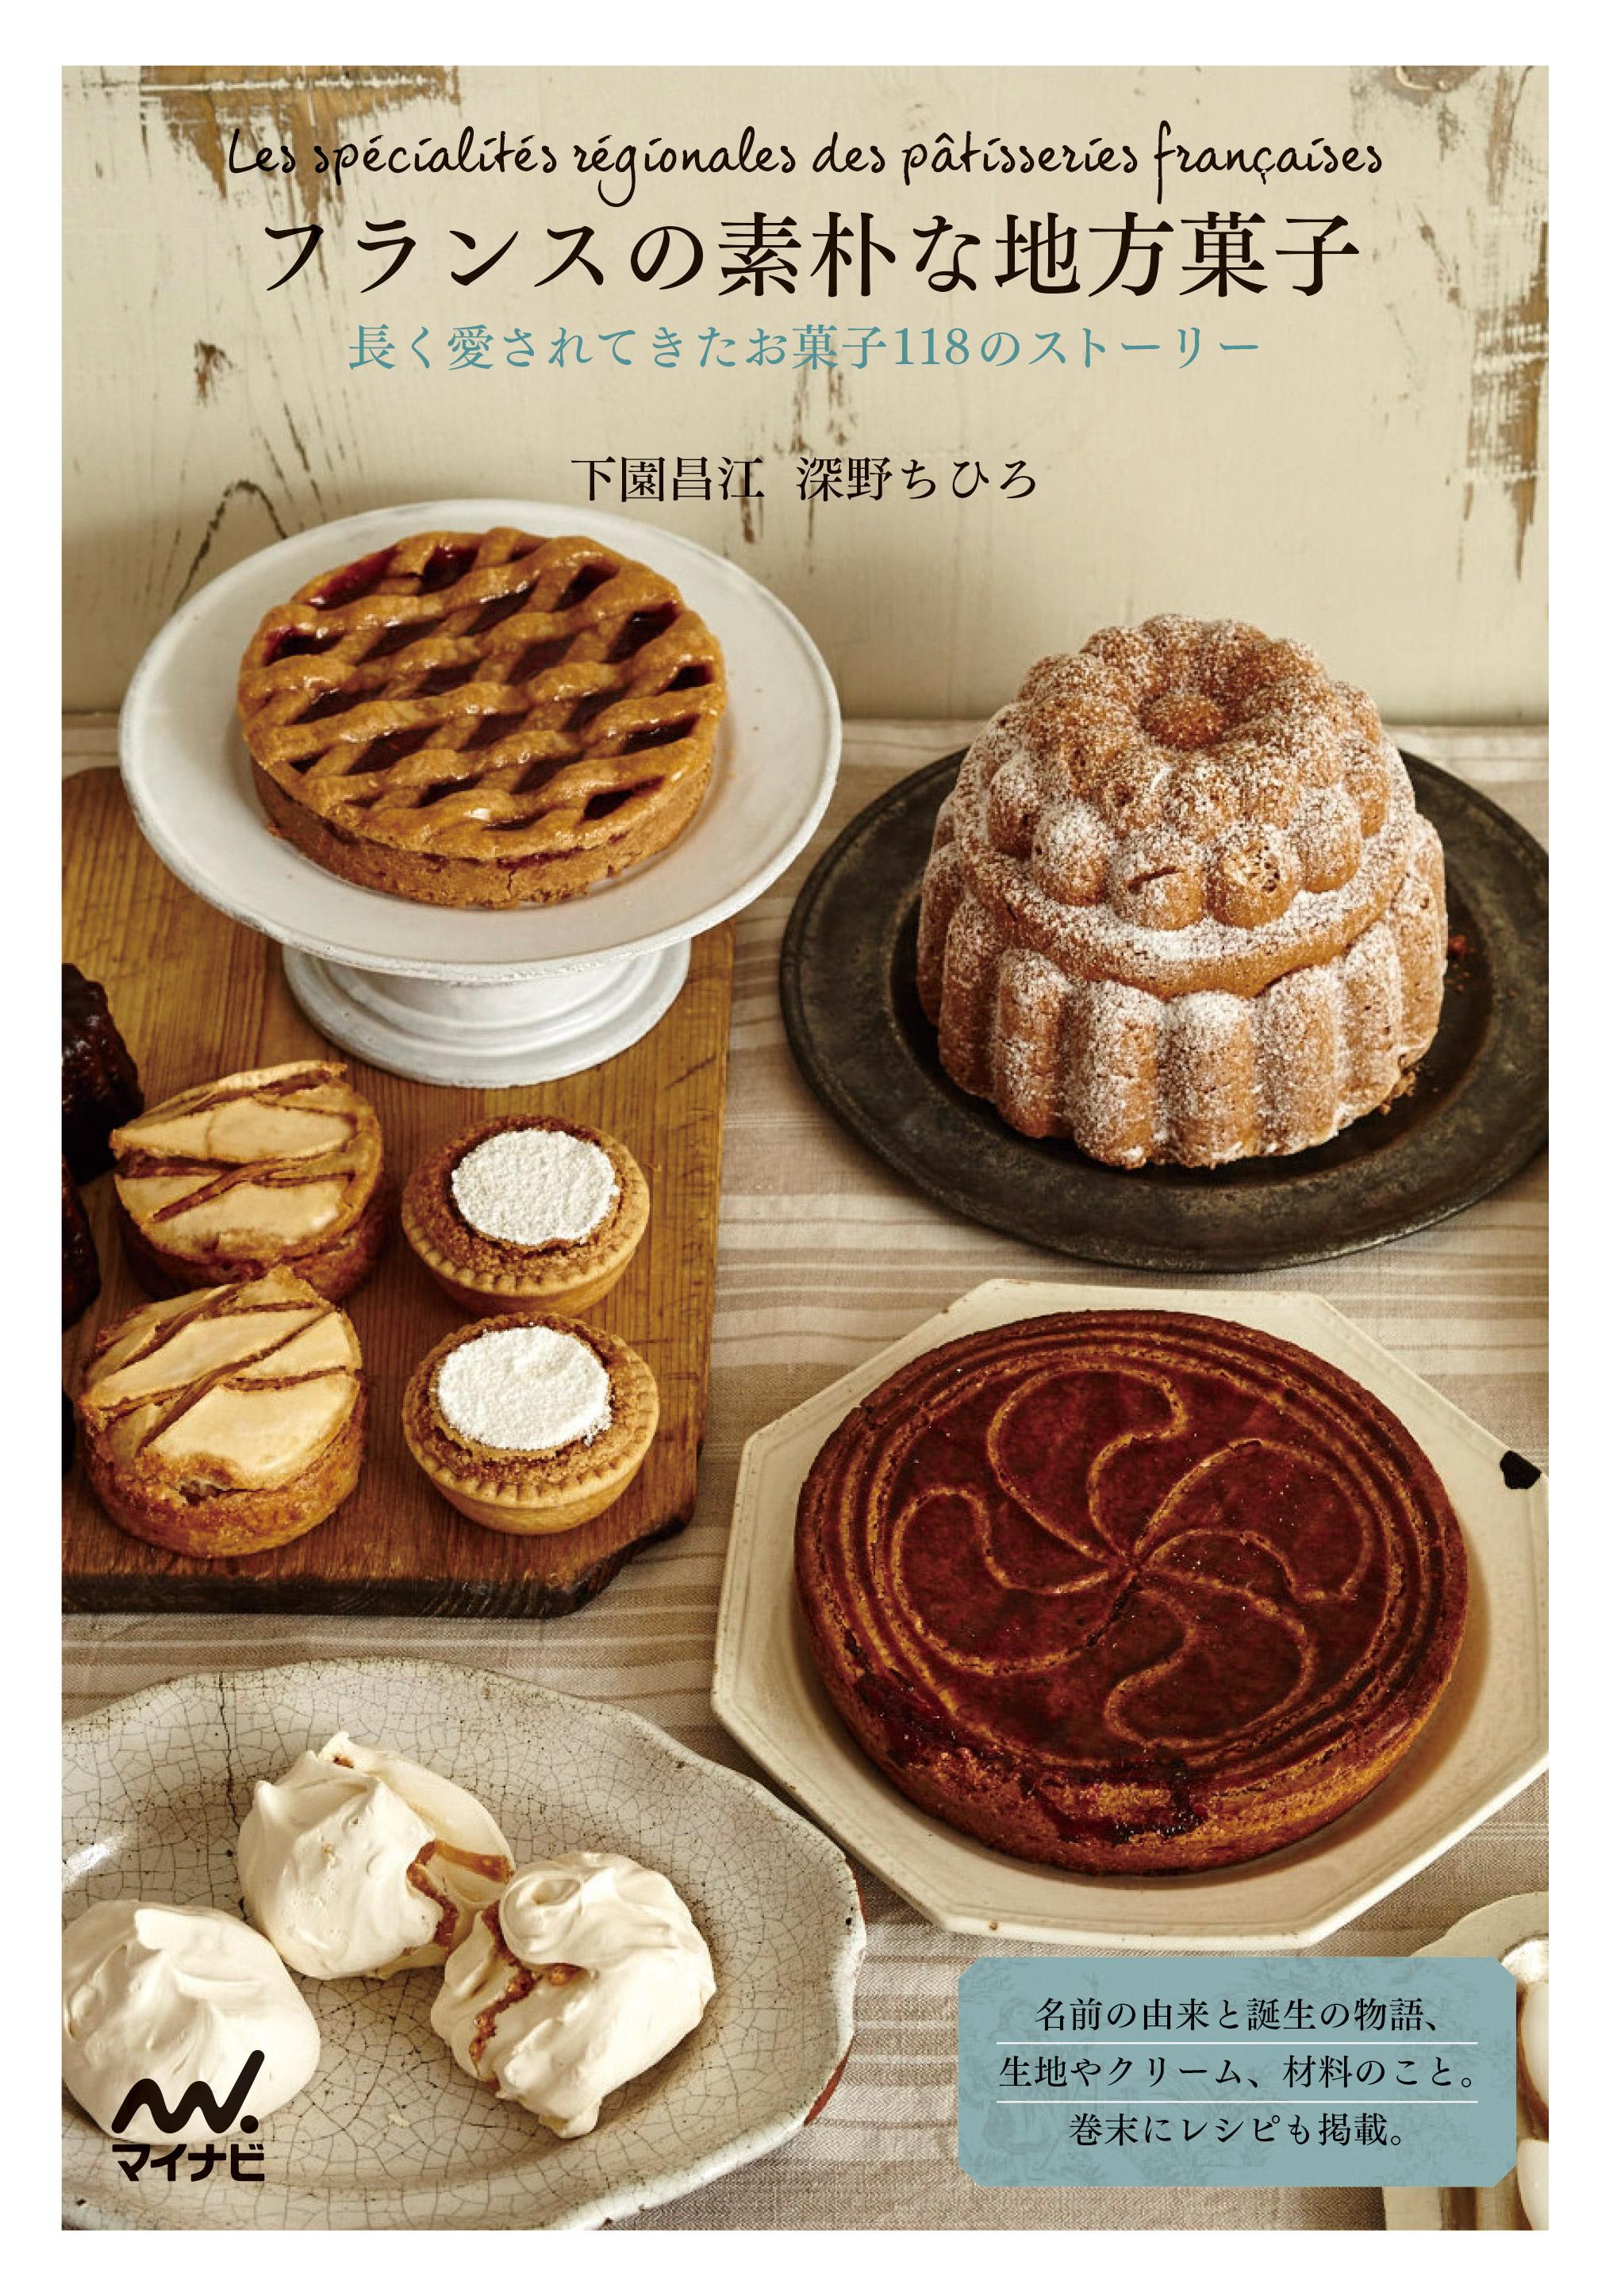 本校製菓技術学科38期卒業生の下園昌江さんが本を出版しました!